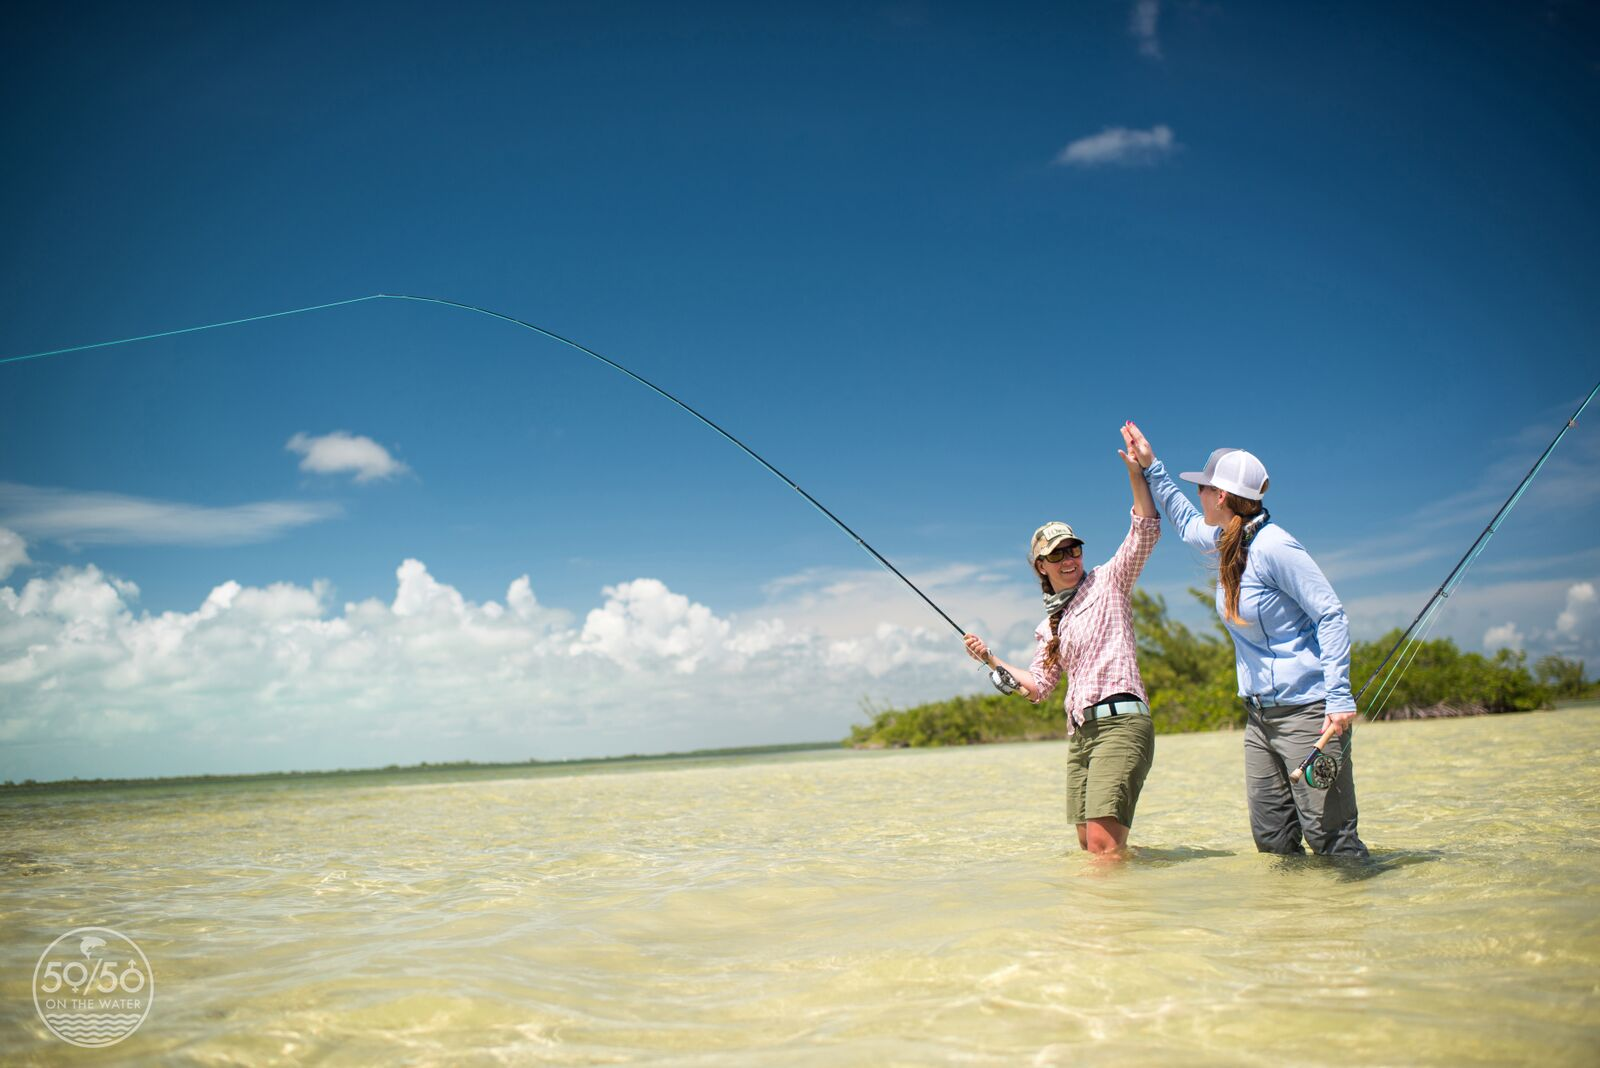 Orvis 5050 Women Fly Fishing